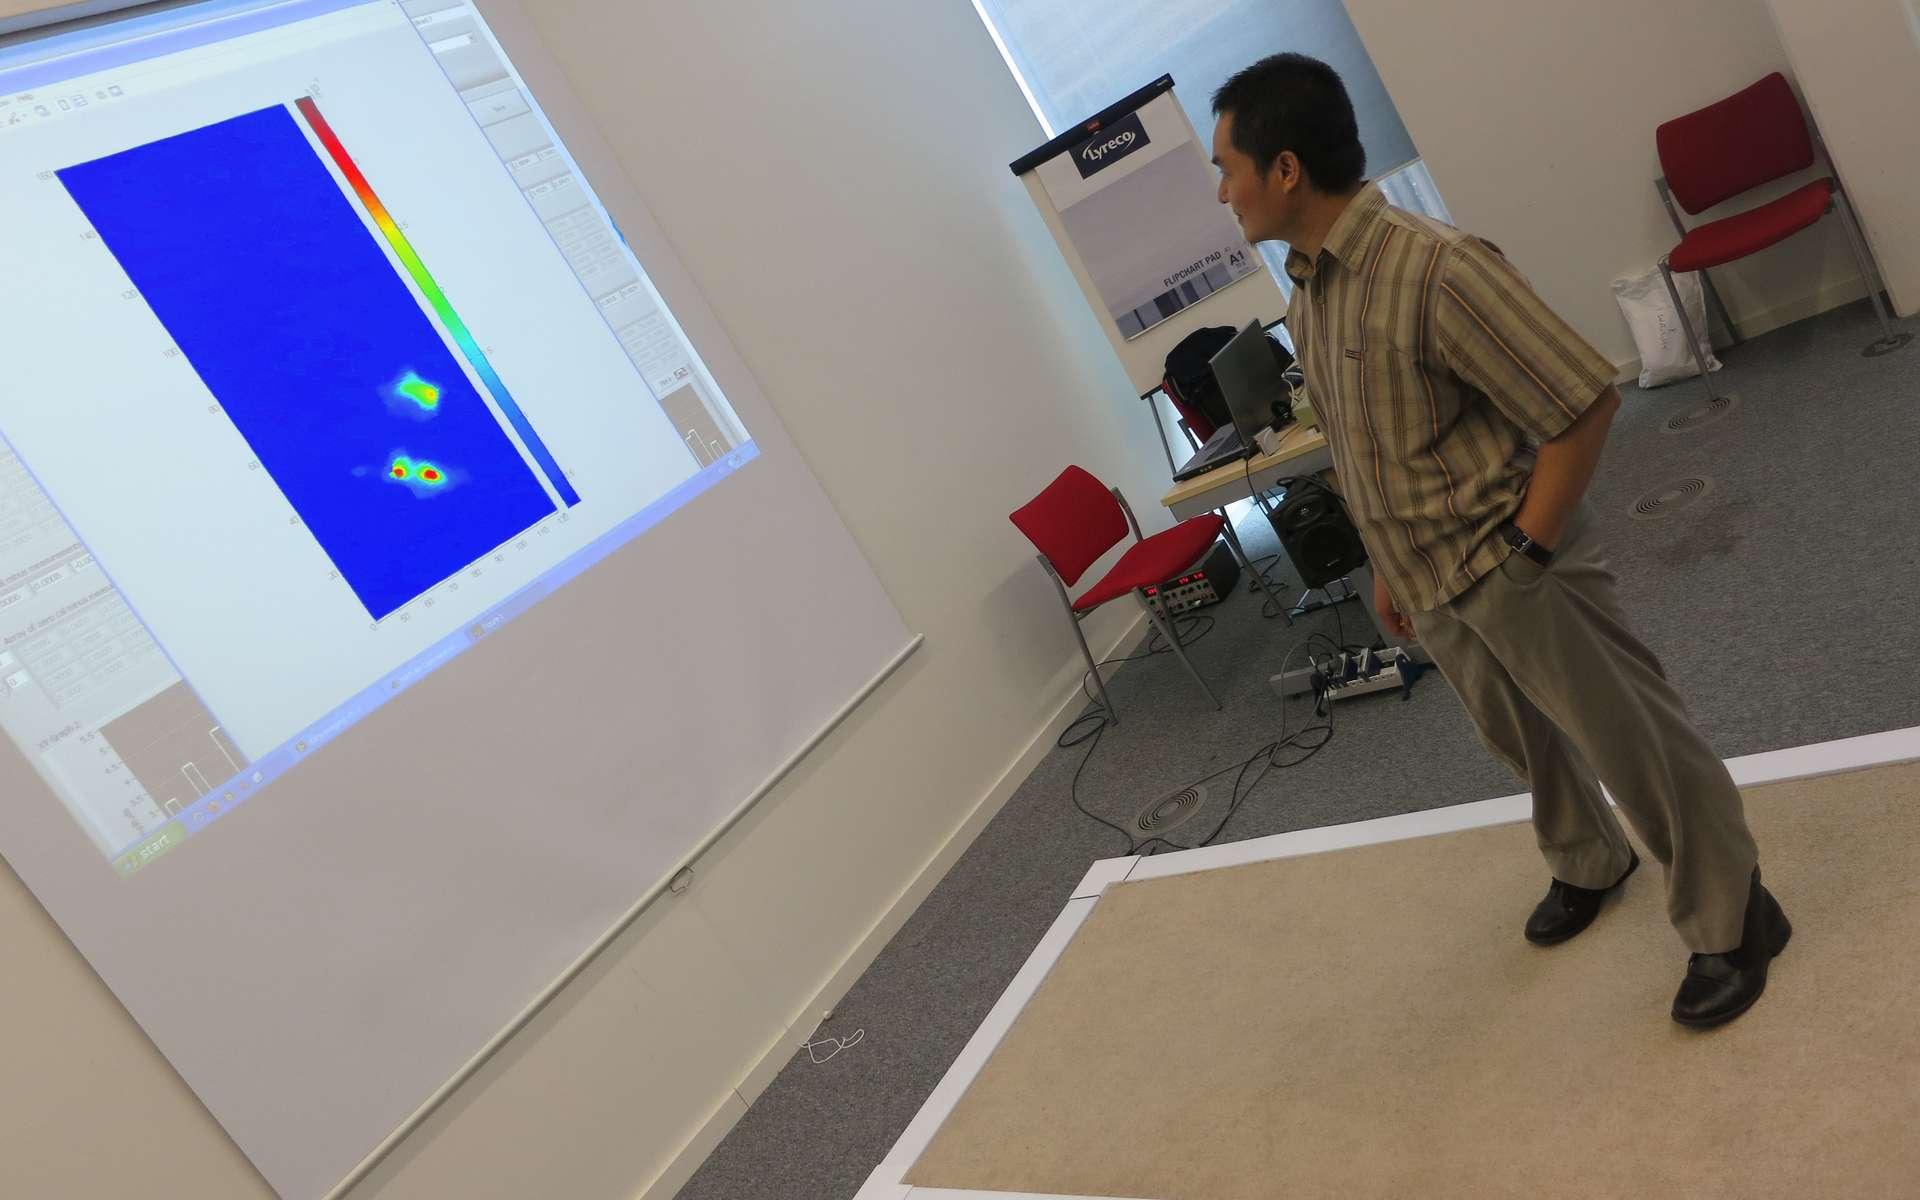 Au sol, le « tapis magique » codéveloppé par les chercheurs de l'université de Manchester et du Photon Science Institute. Lorsqu'une personne marche sur la surface, le réseau de fibres optiques relié à des capteurs placés sur les bords du tapis enregistre les informations et les transmet à un ordinateur. © Manchester University